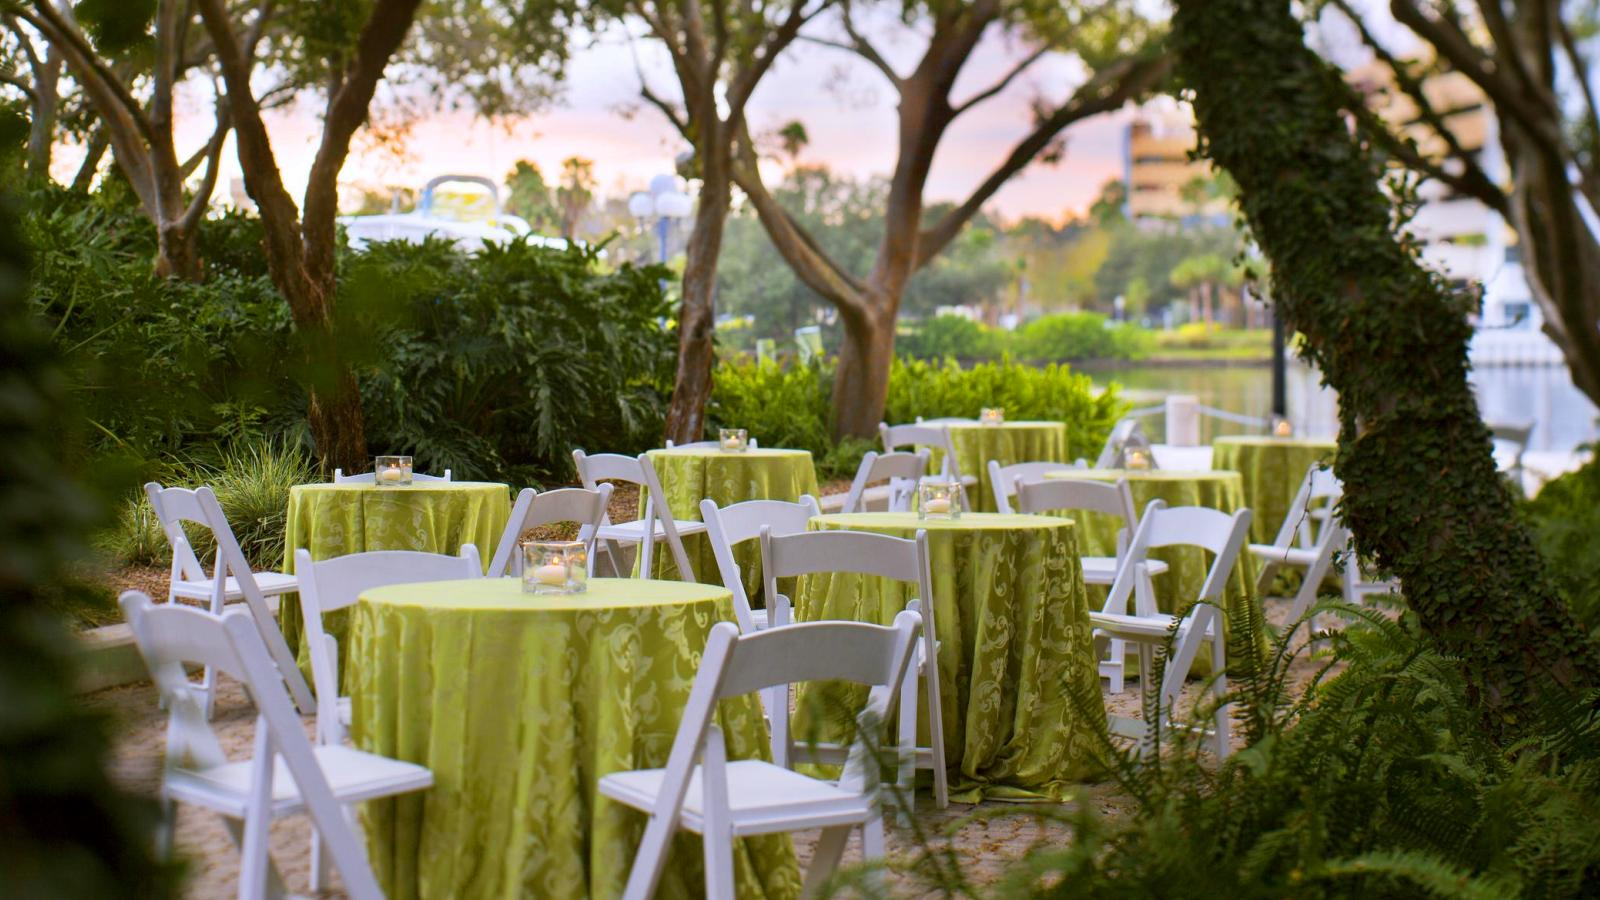 A Stylish Affair by Jessie: Tampa Wedding Venues